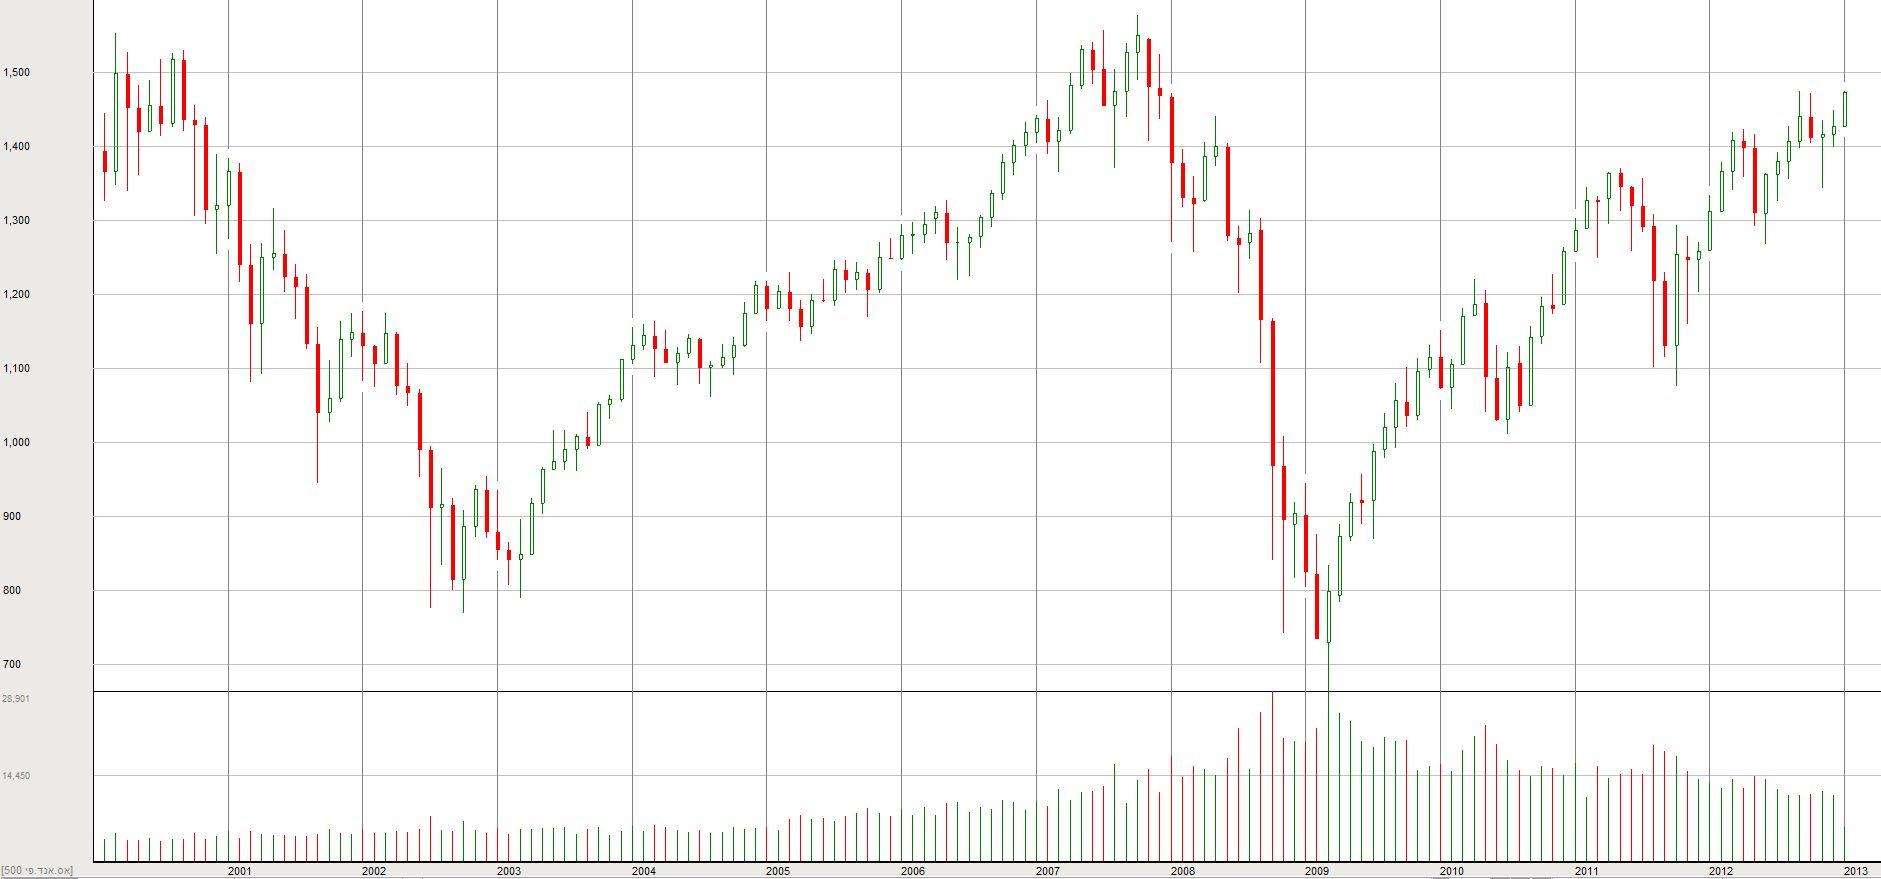 מדד ה-S&P500 משנת 2000